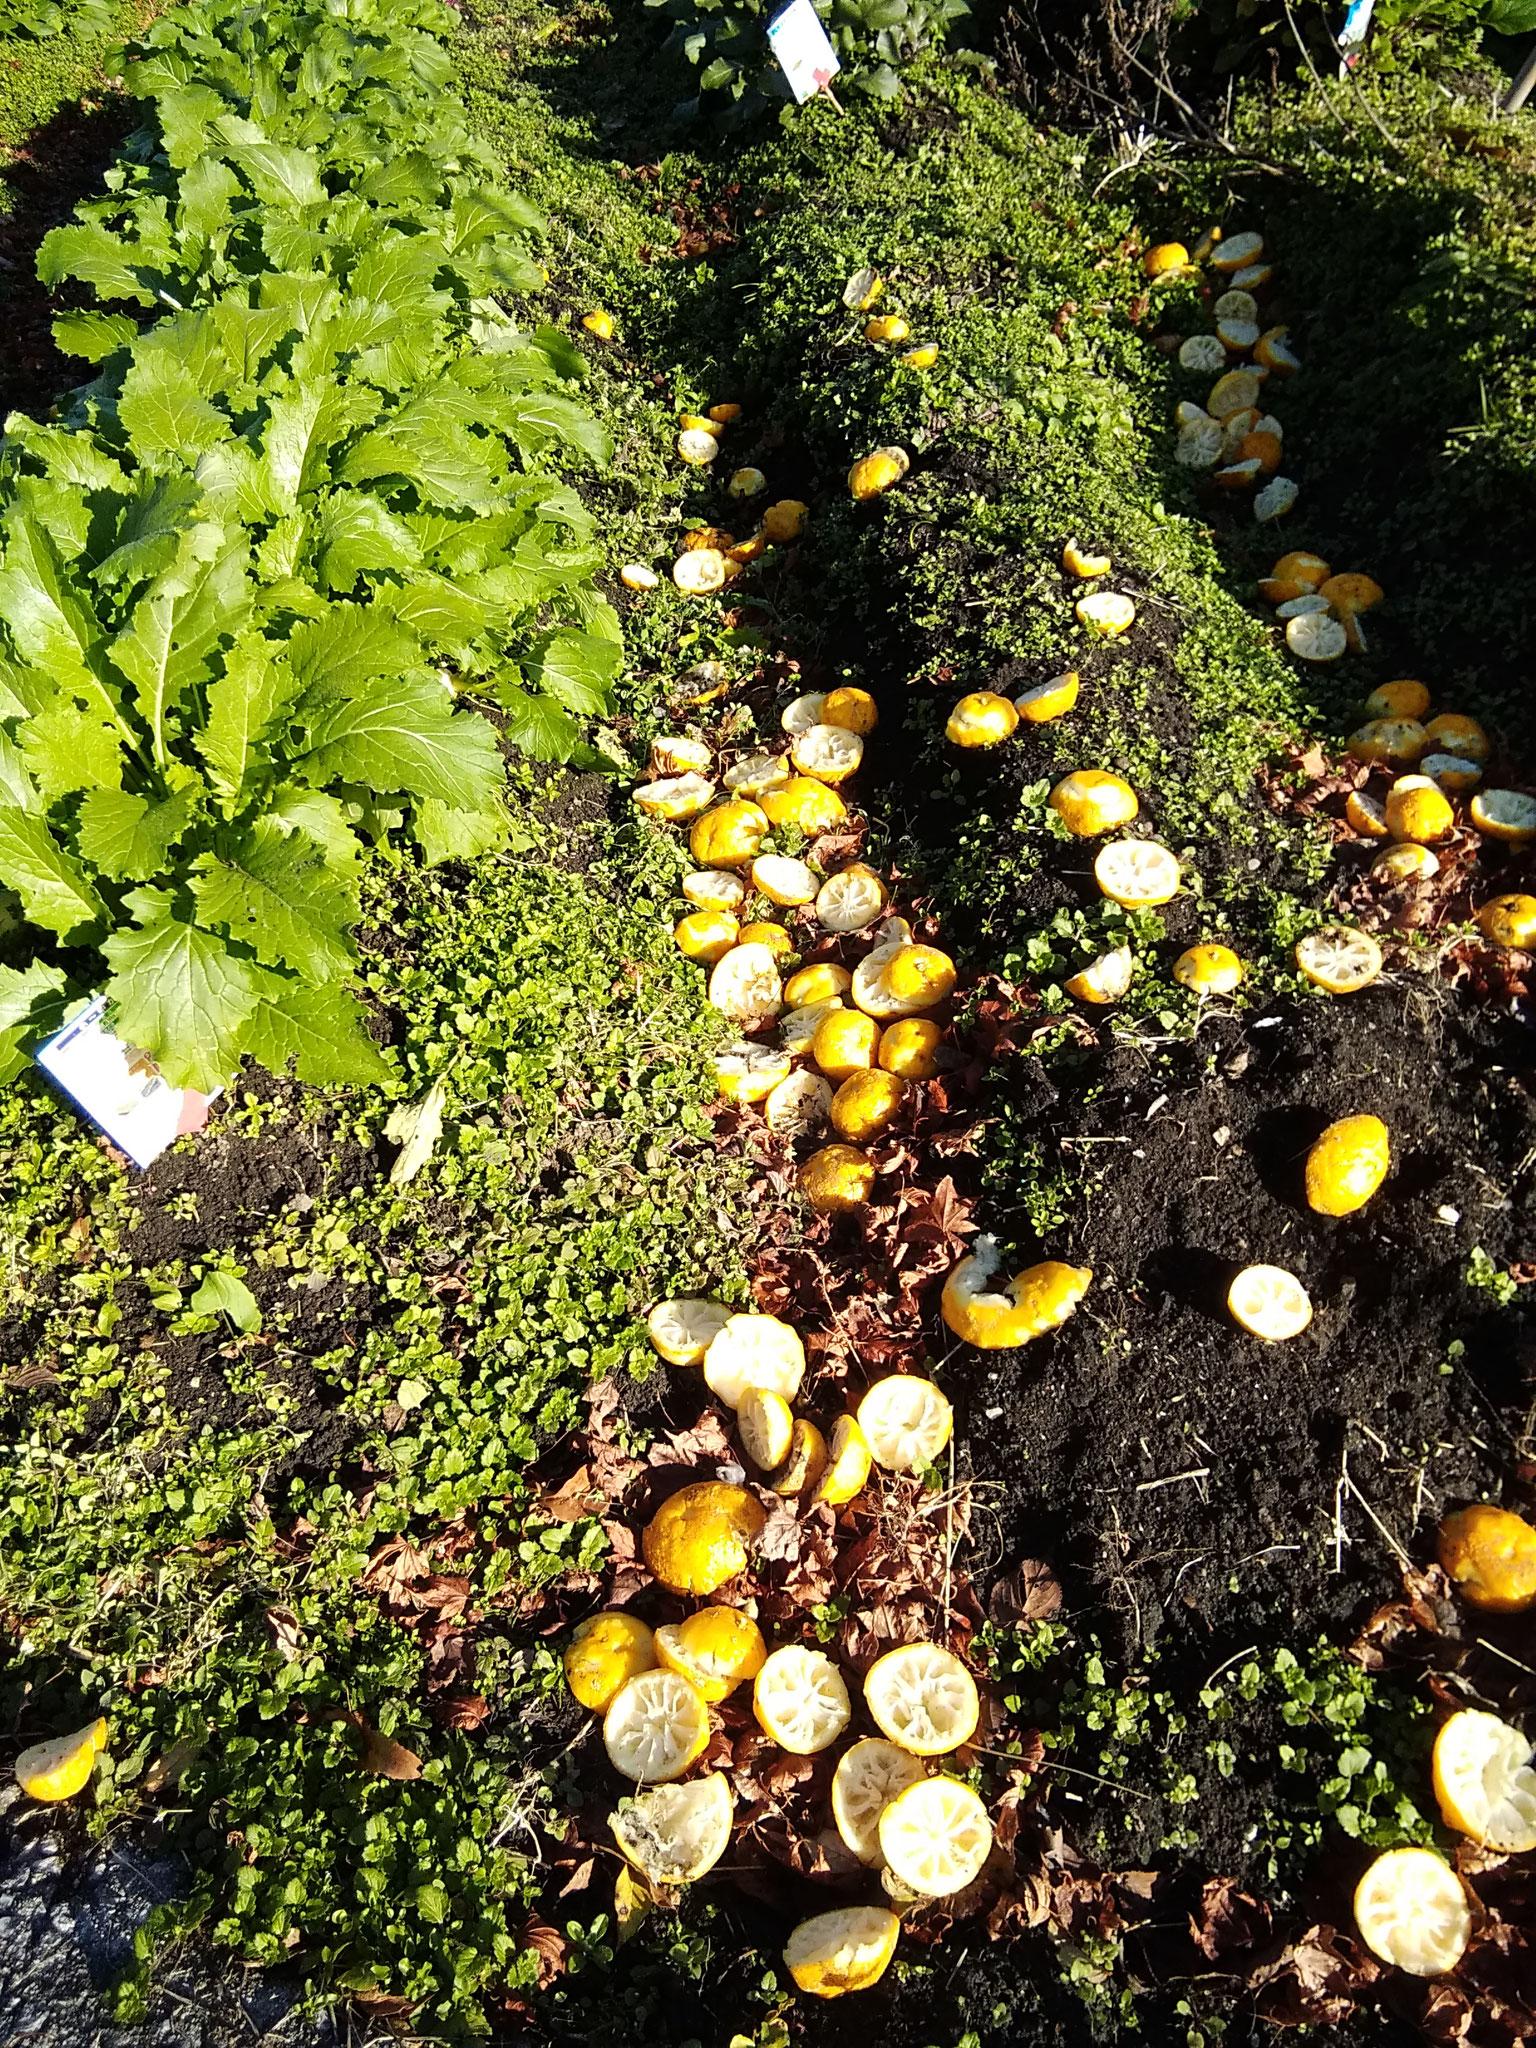 畑にまいた柚子の皮。柑橘類の皮は畑に良いそう。ただし、種を取っていれるべし!柚子が生えてきます。